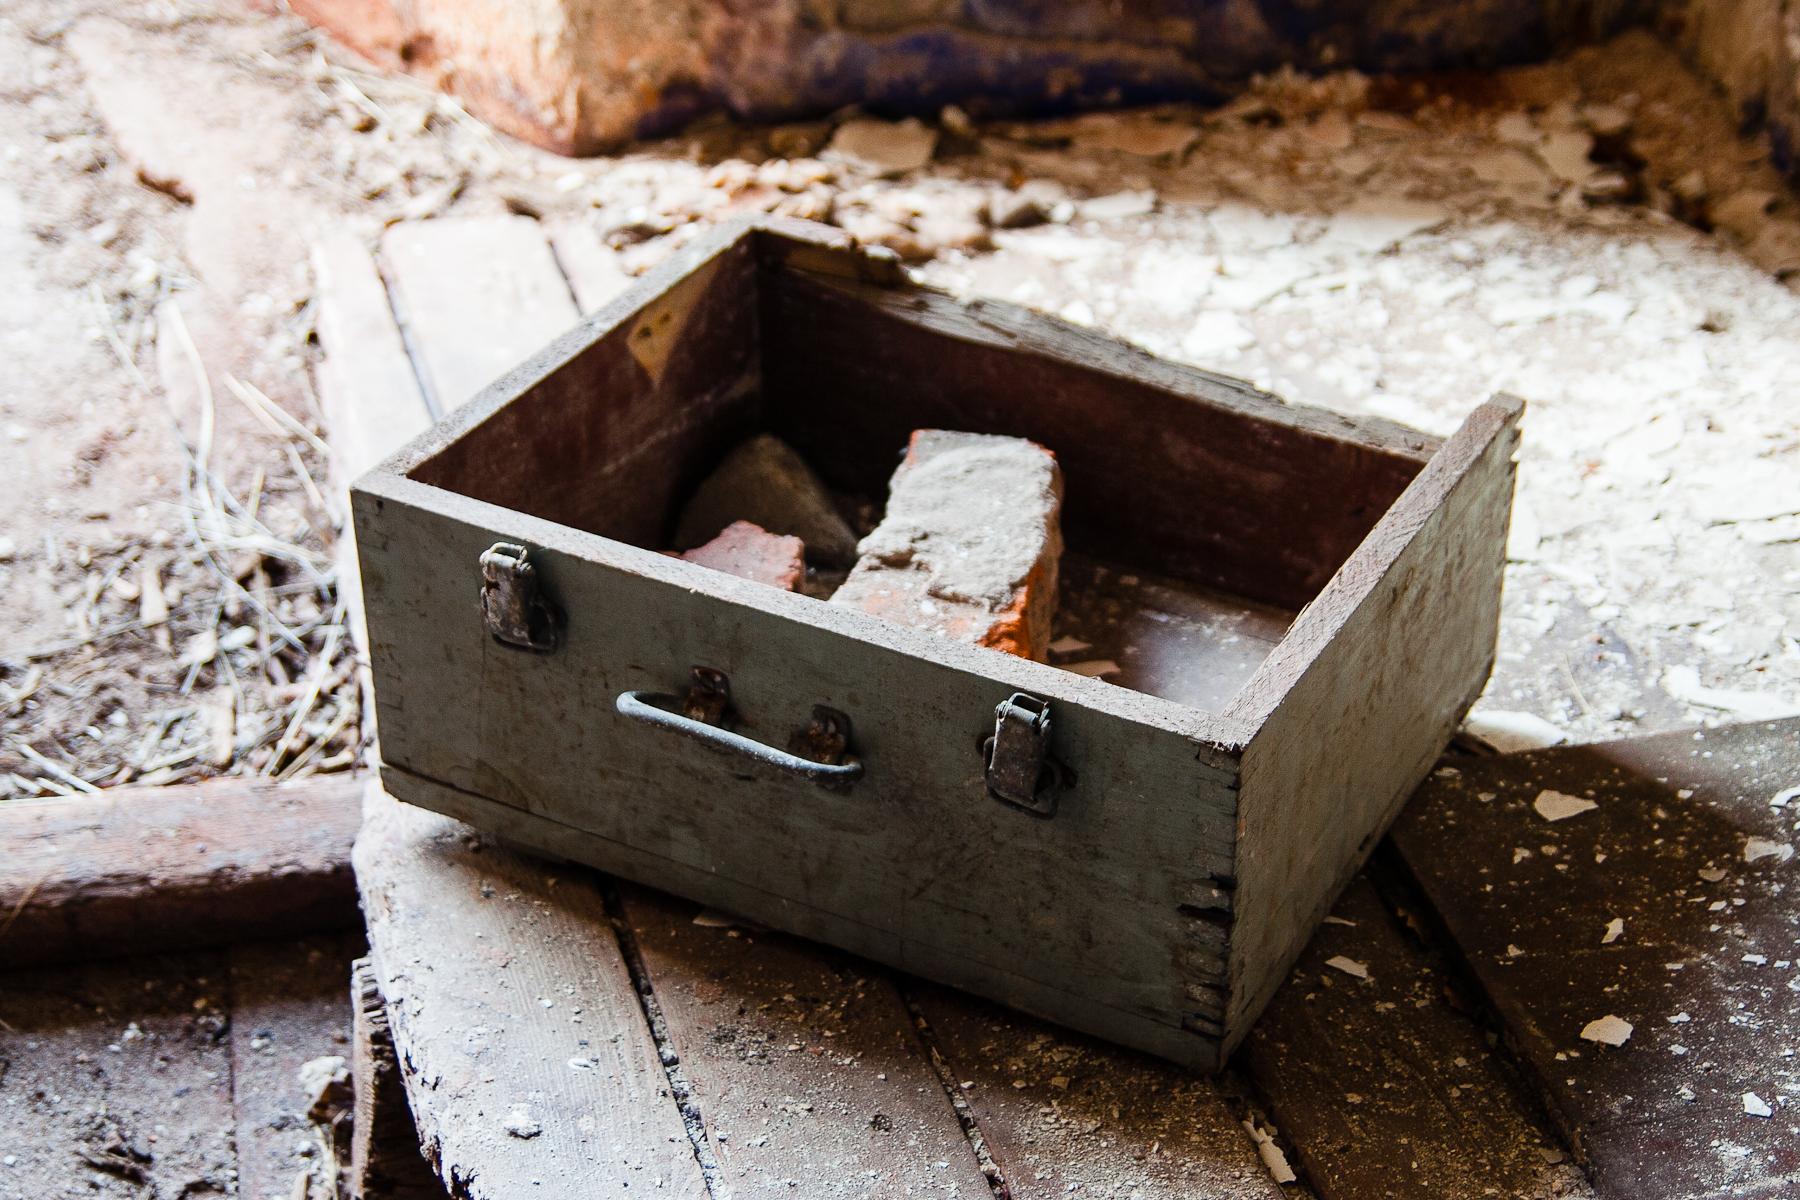 Suitcase With Brick Via @Atisgailis